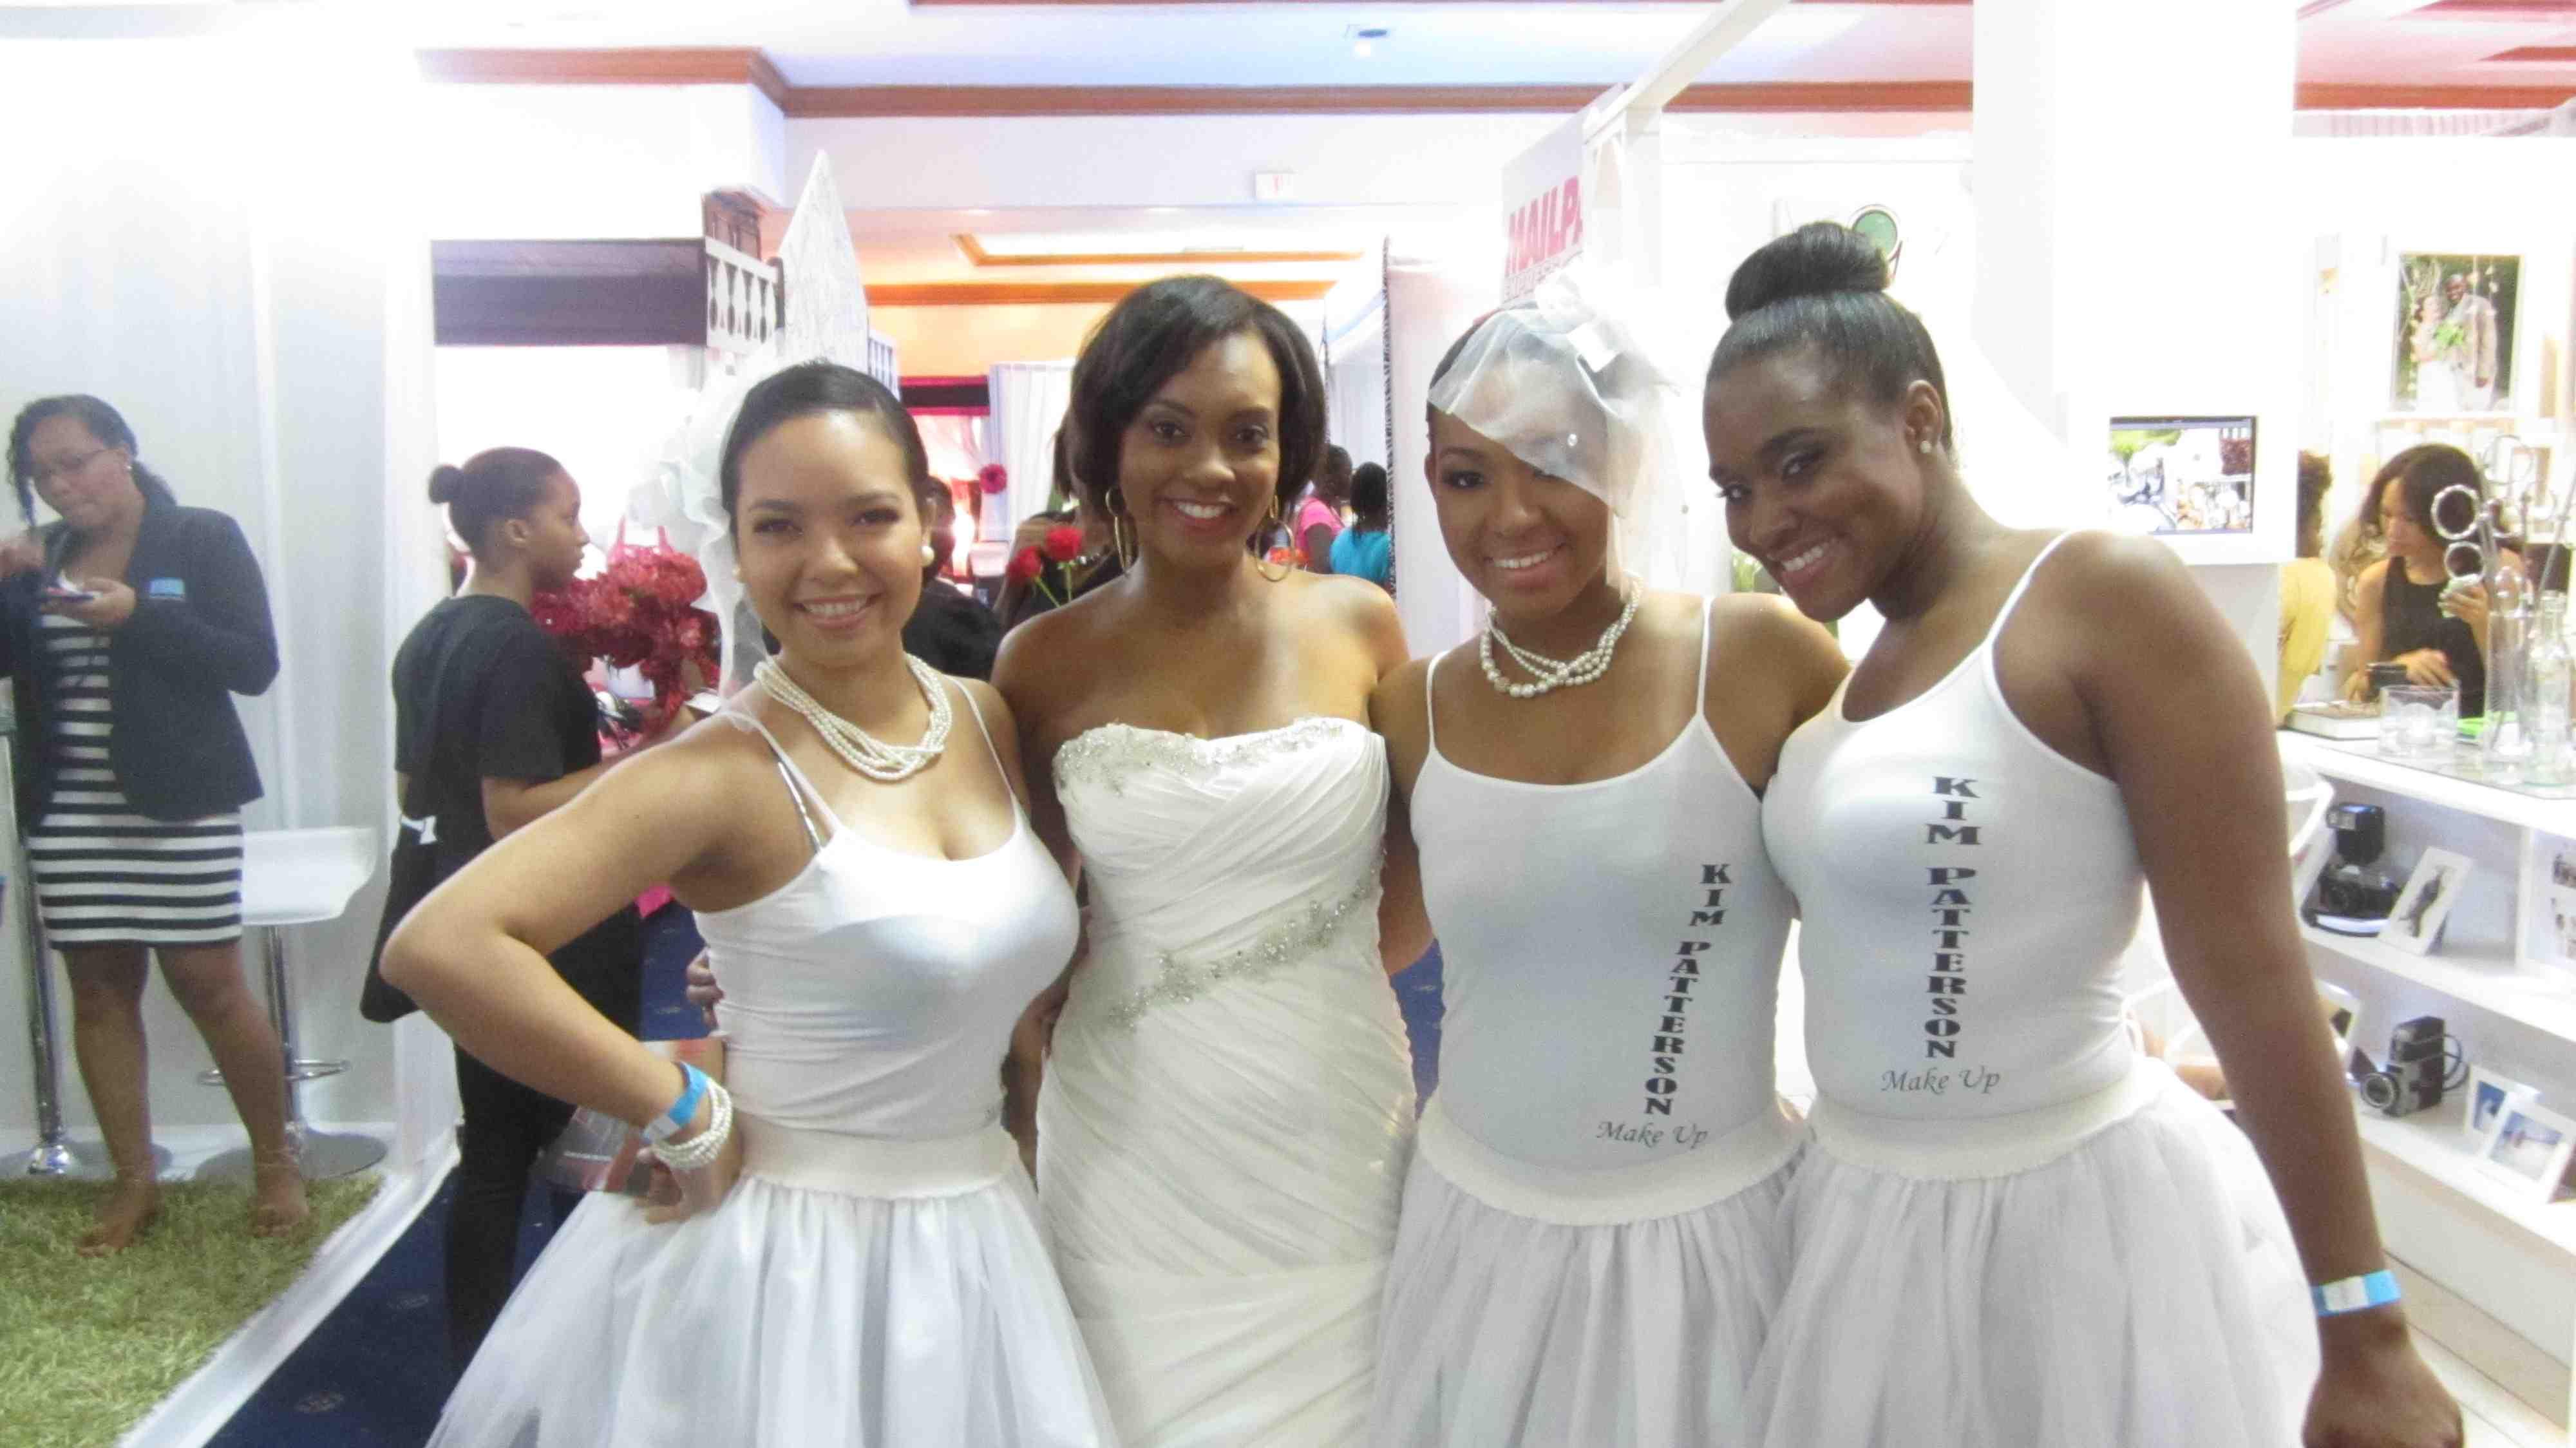 destination weddingsbig b b jamaican wedding dresses 10 17 BridalGirls